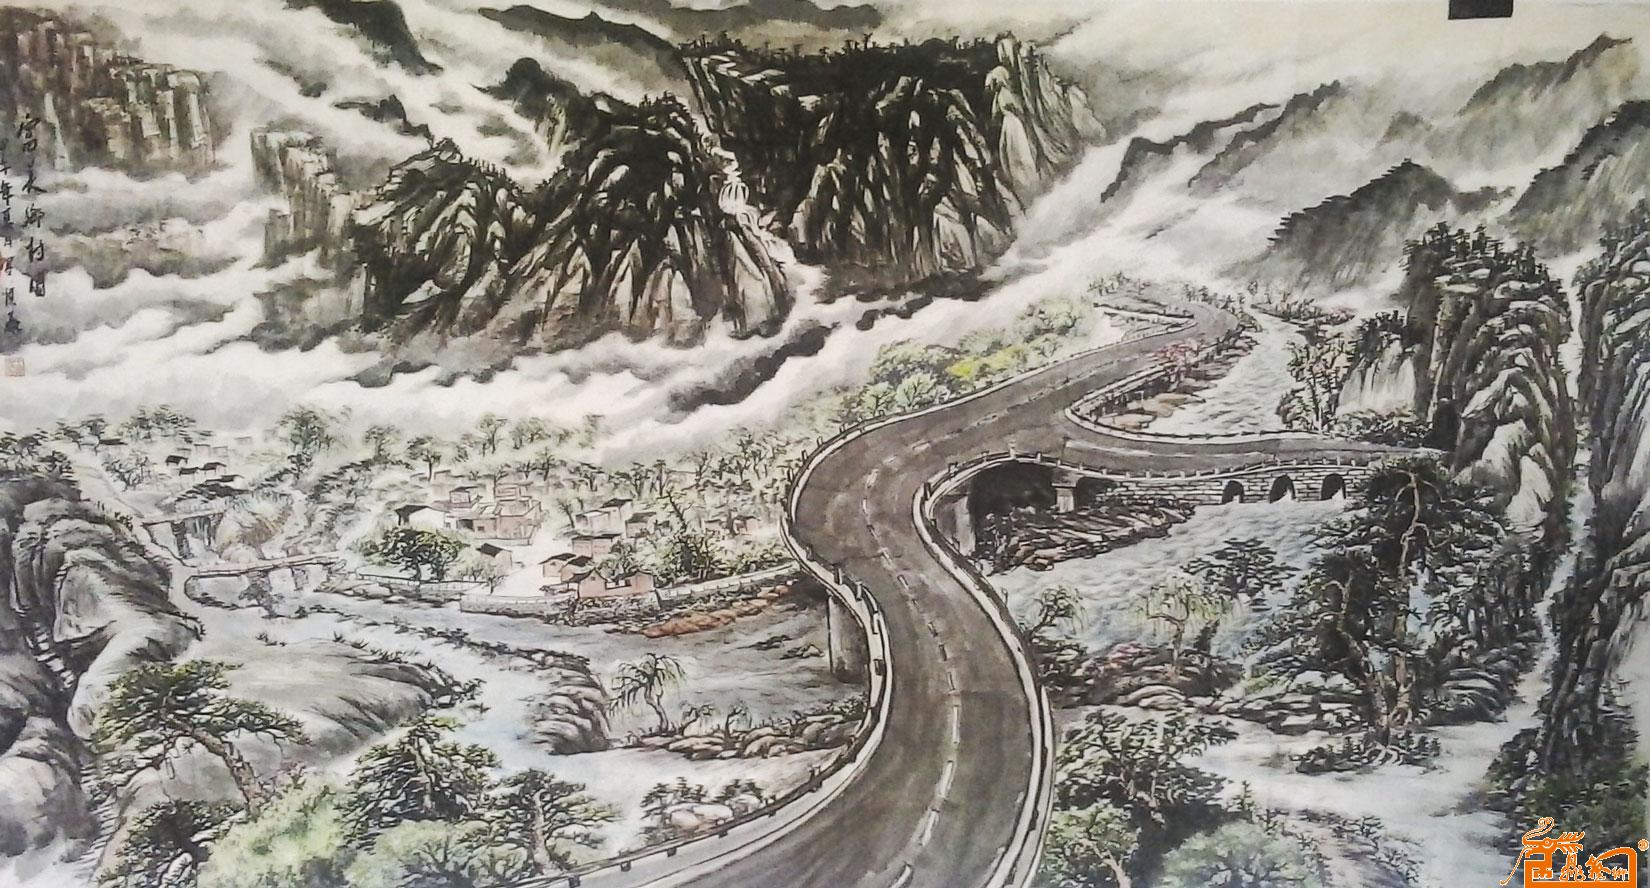 王顺泰-水墨国画富美乡村图-淘宝-名人字画-中国书画